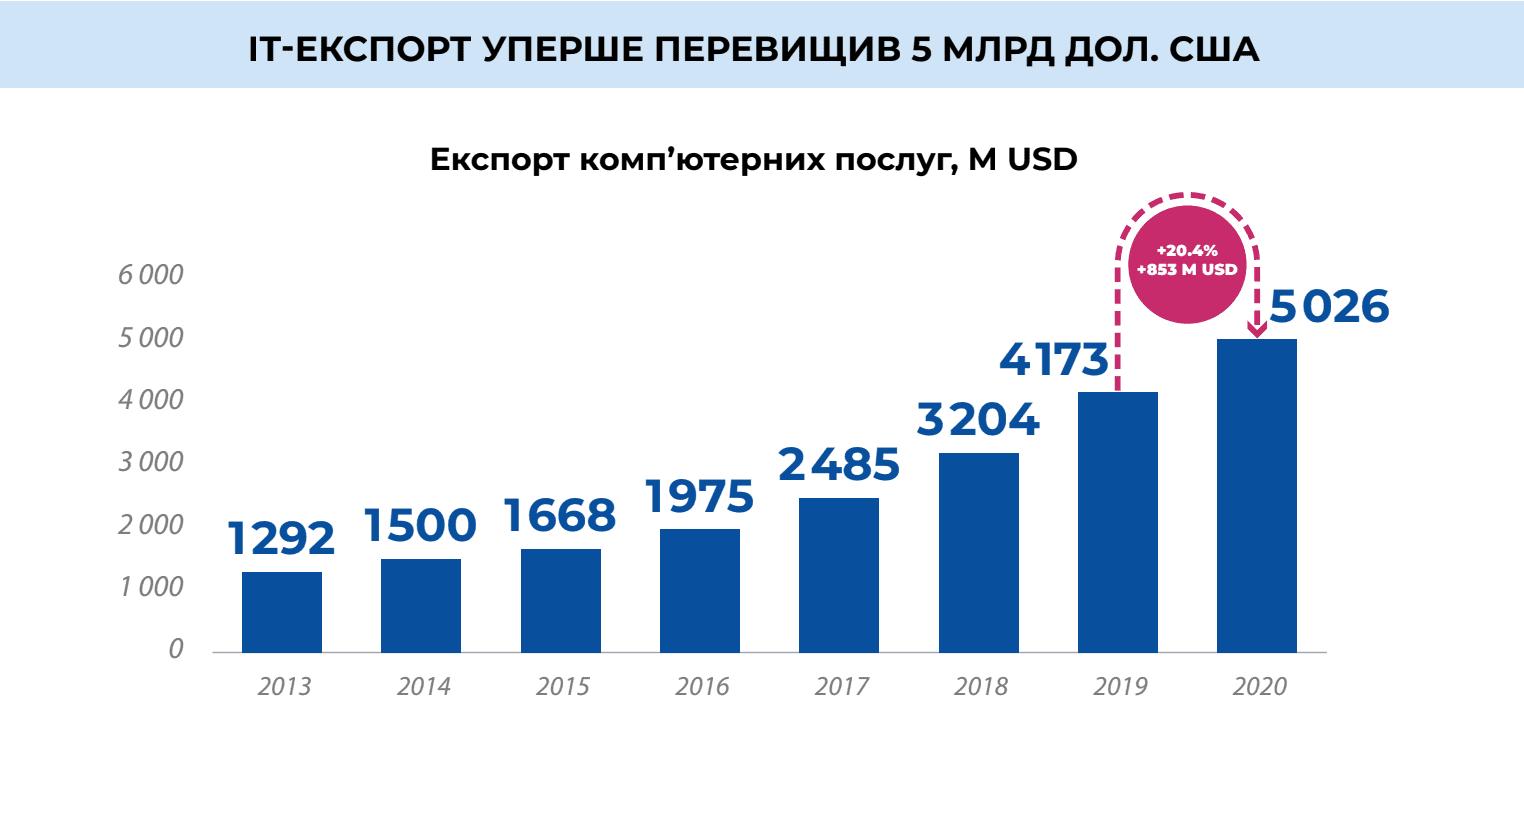 IT-экспорт Украины впервые превысил  млрд